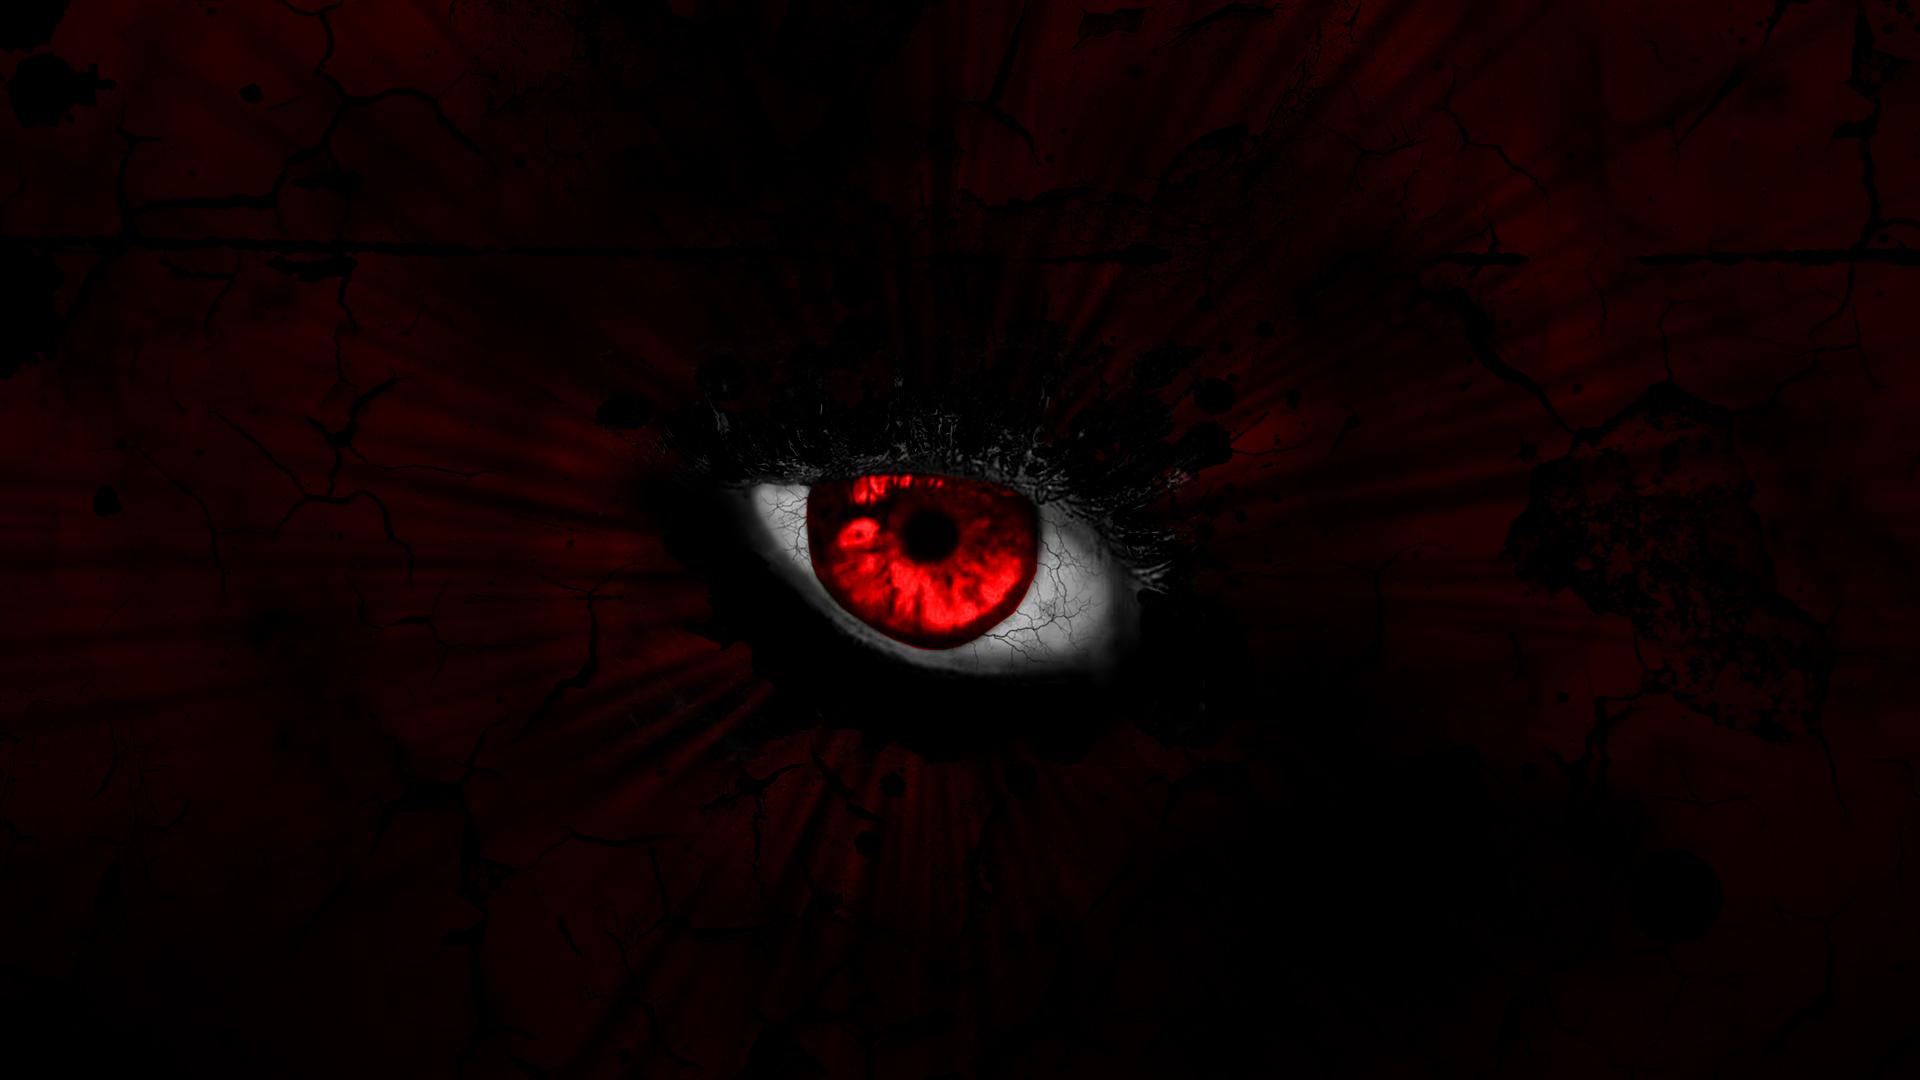 Devil Wallpaper Hd Red devil eyes wallpaper best 1920x1080